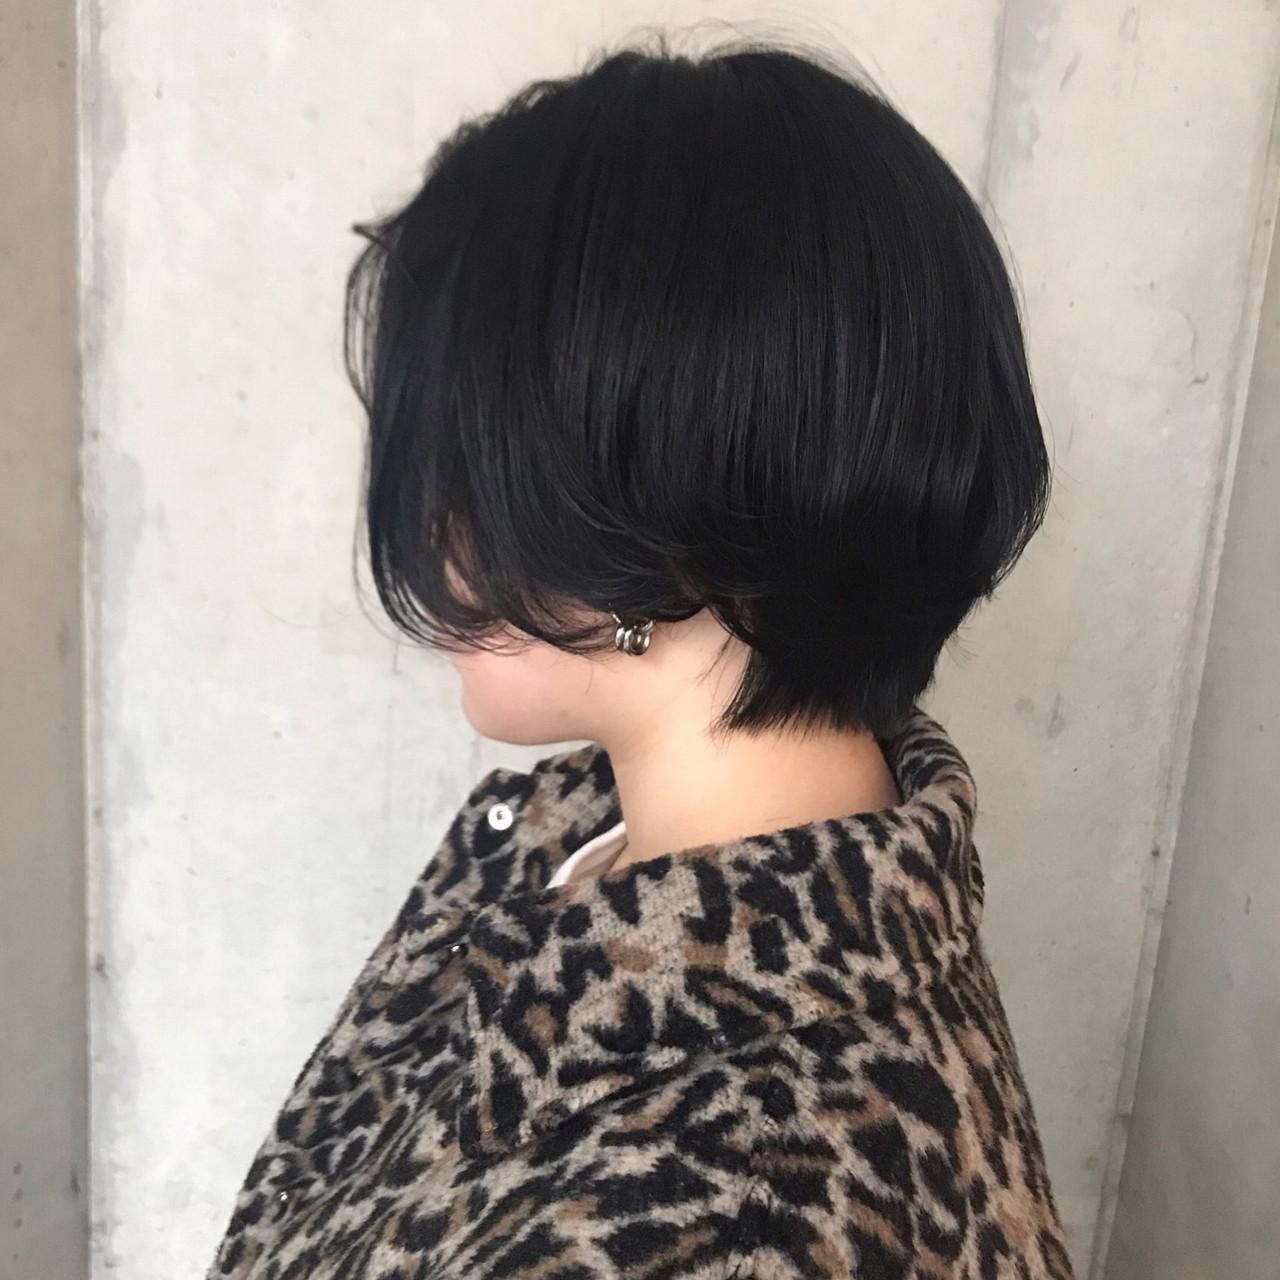 ショート アンニュイほつれヘア 大人かわいい ダークカラー ヘアスタイルや髪型の写真・画像